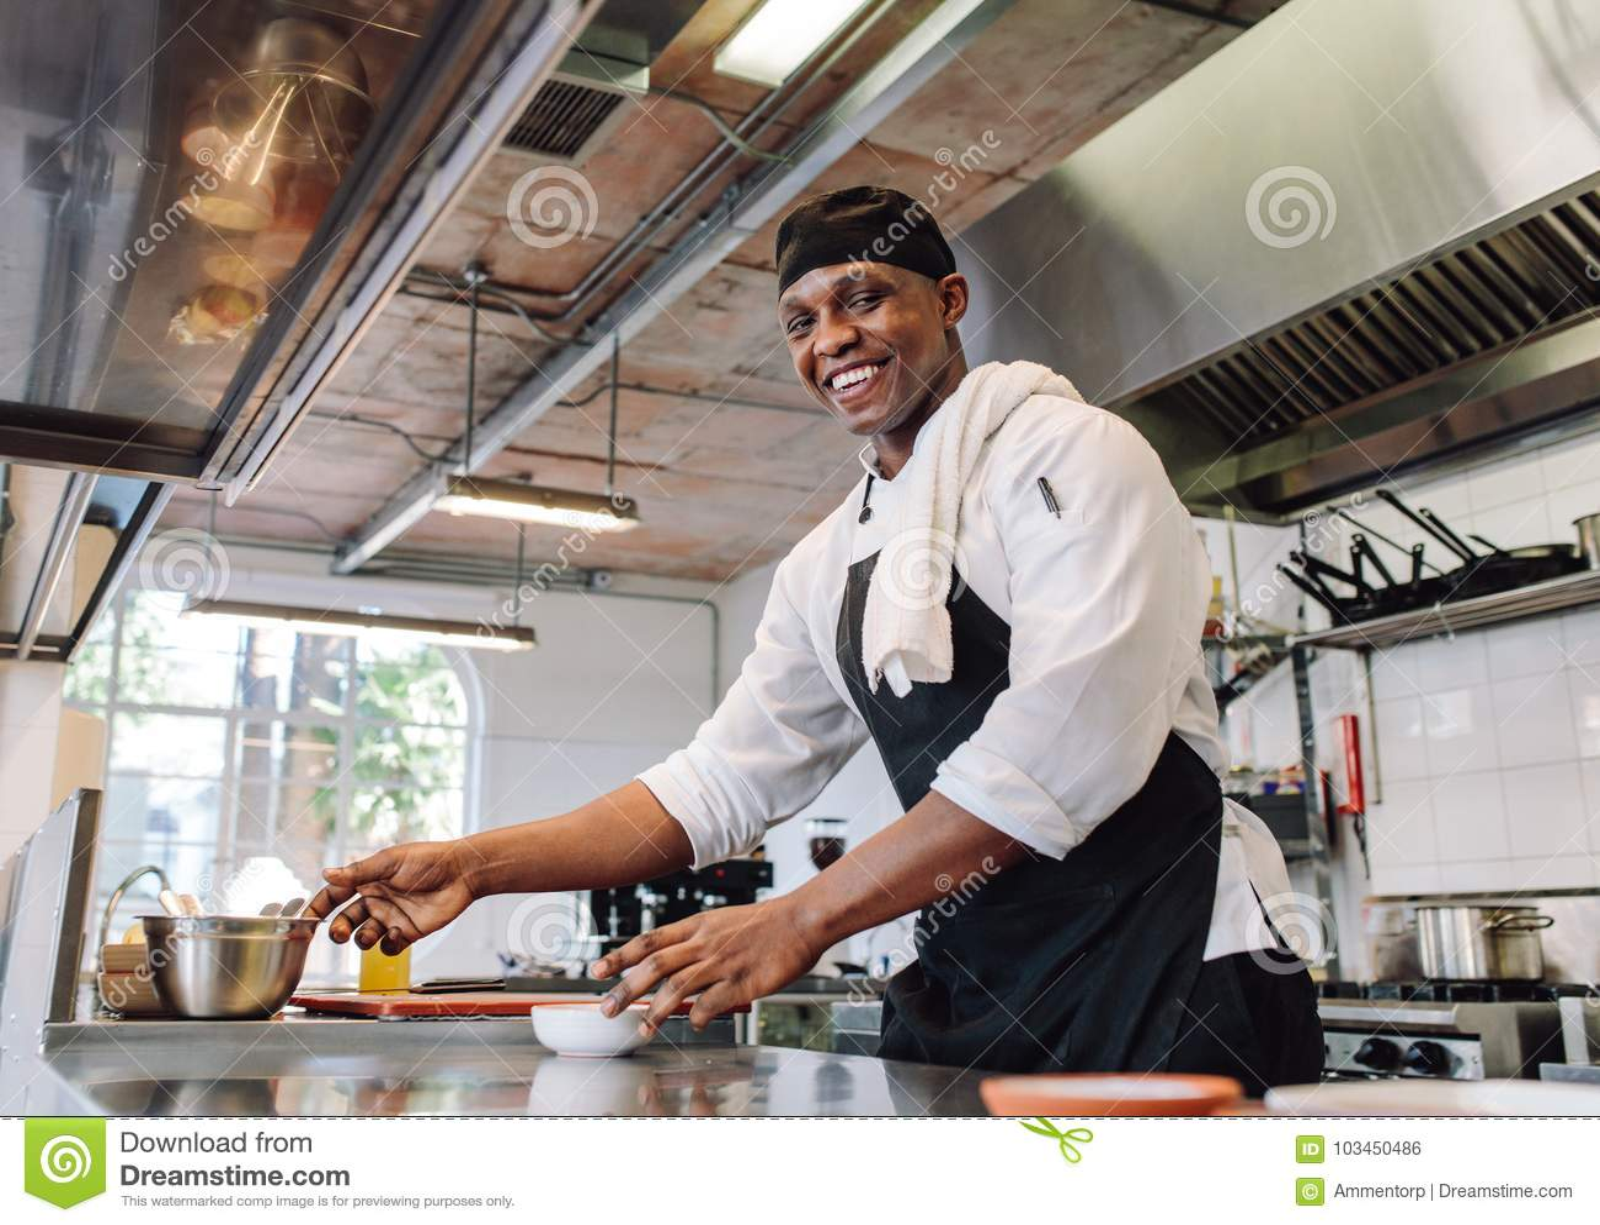 Cocinero sonriente que cocina la comida en la cocina del restaurante